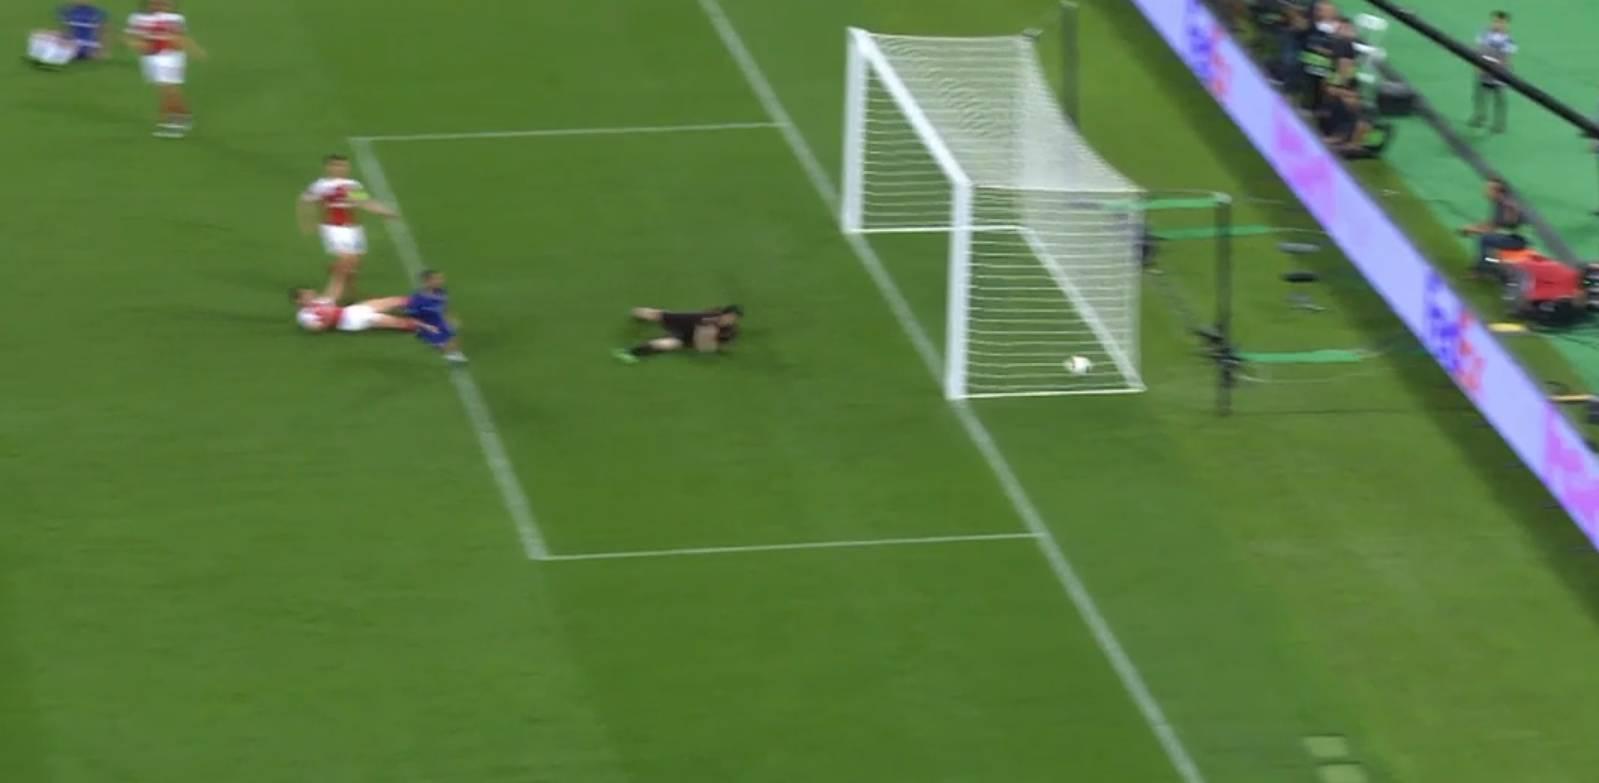 Четвертый гол Челси 4-1. Цитата из прямой трансляции матча на канале «Матч ТВ»